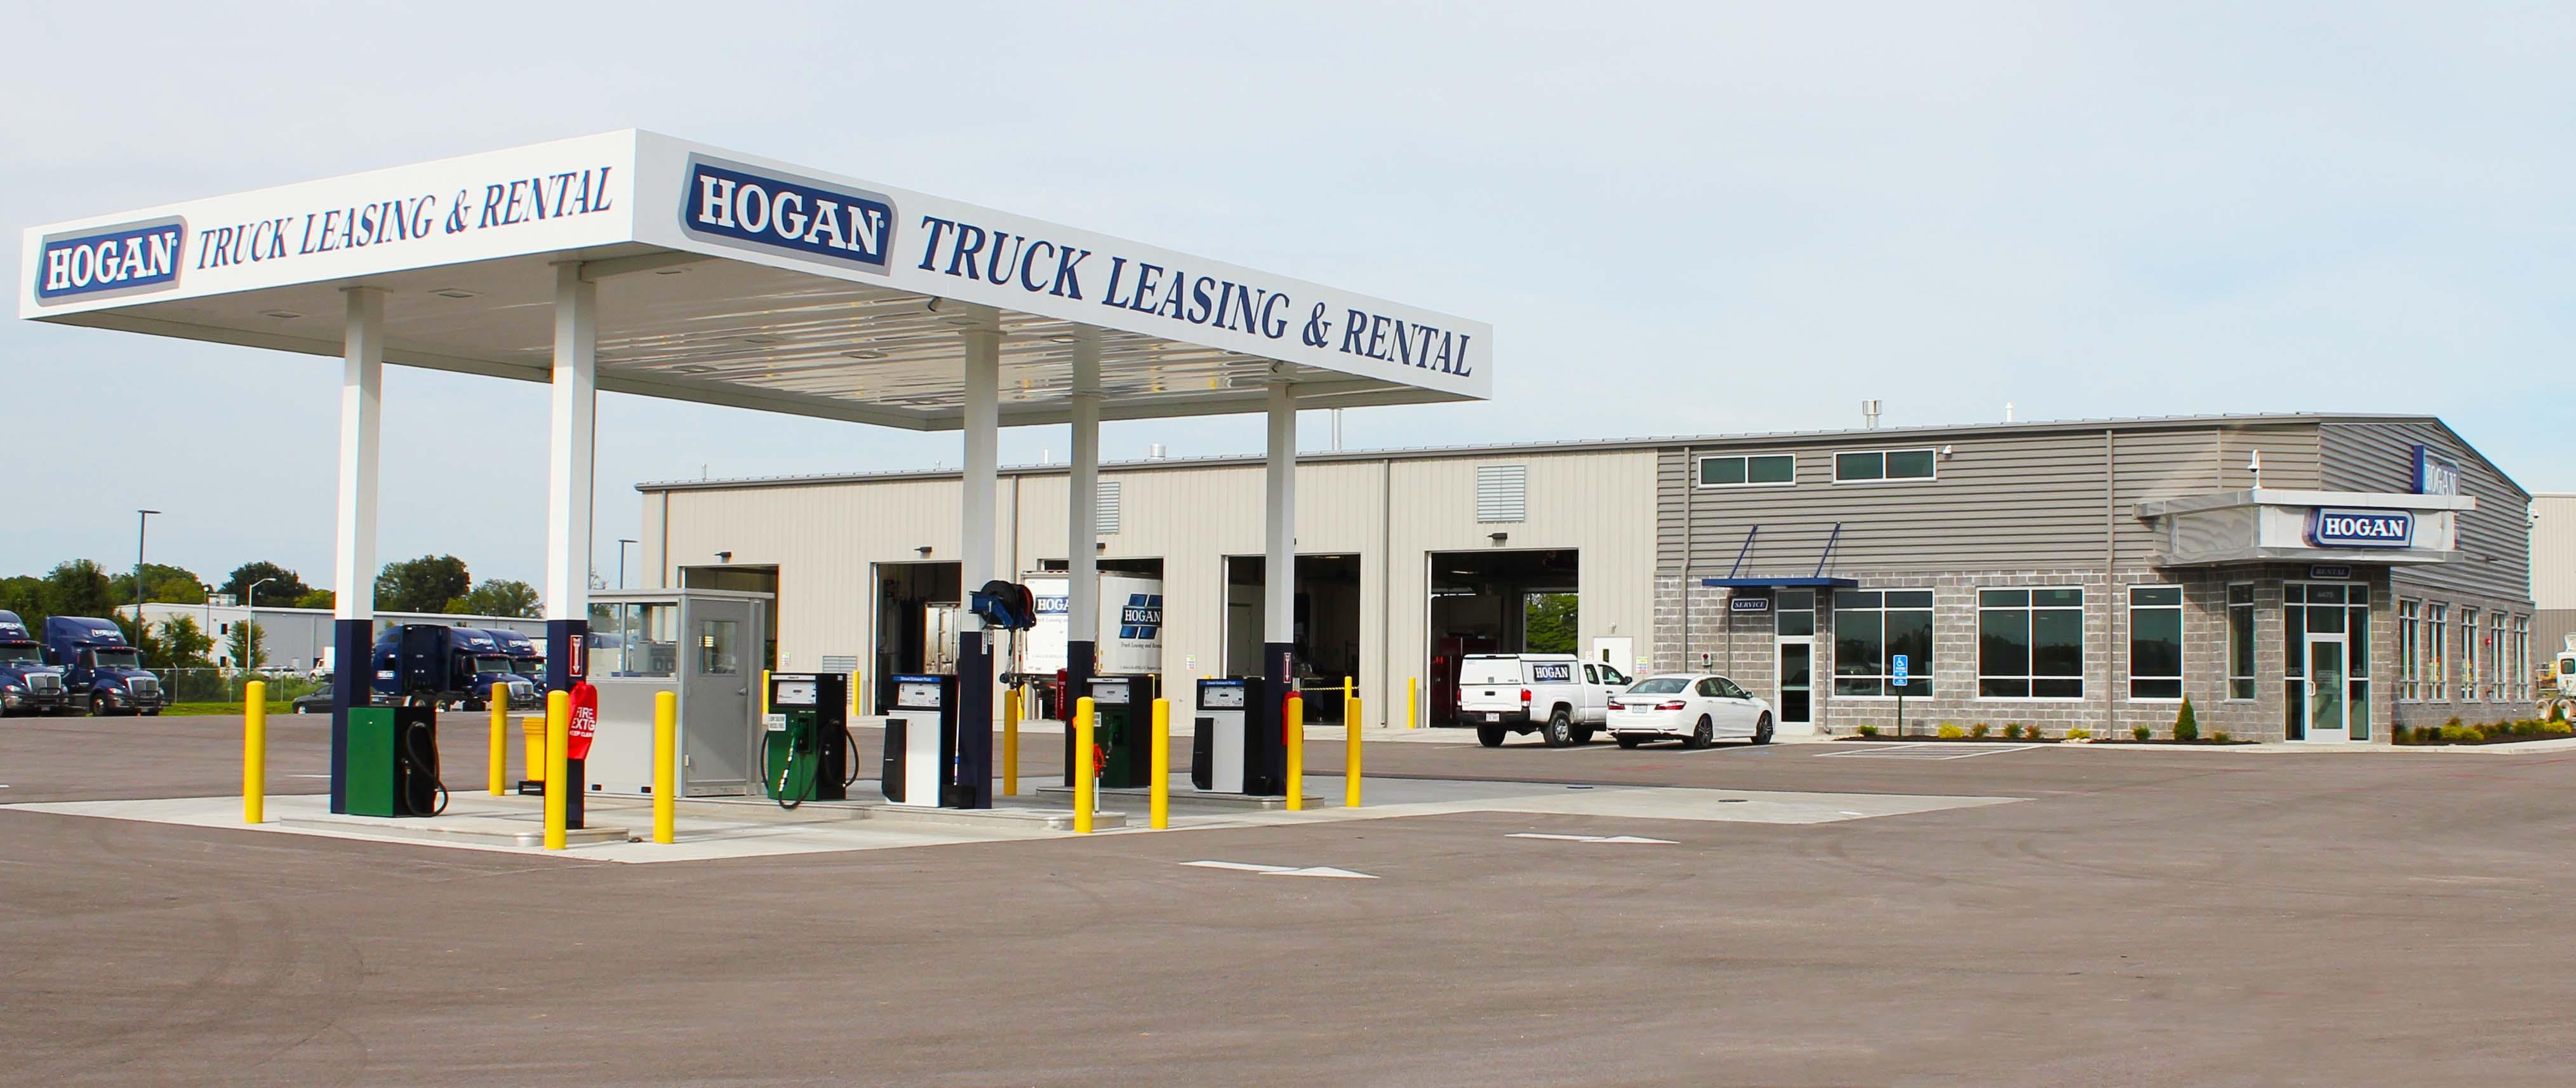 Hogan truck leasing springfield mo